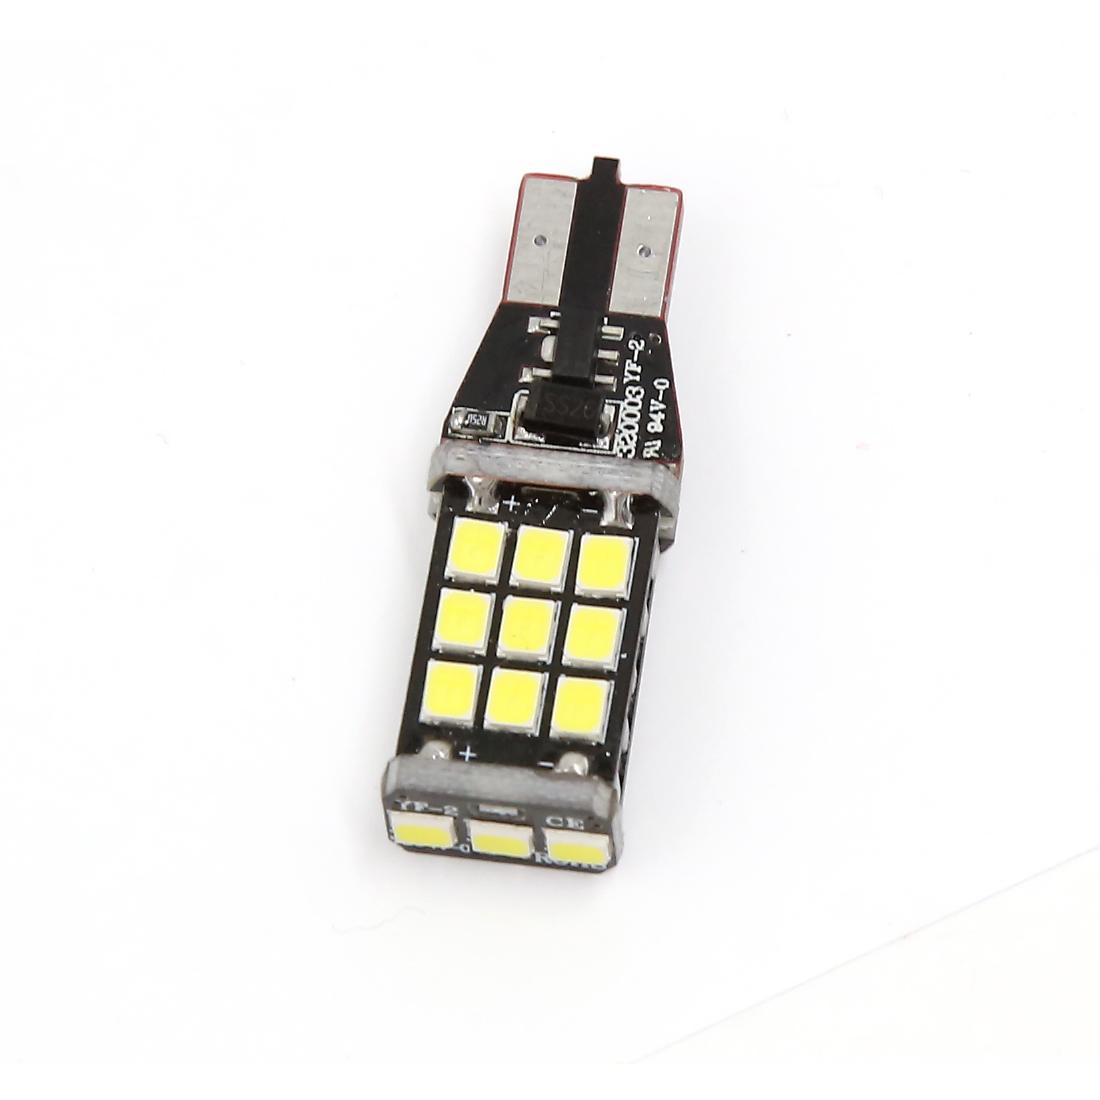 Car 21 SMD DC 12V 18W 2835 T15 Wedge White LED Light Backup Lamp Bulb